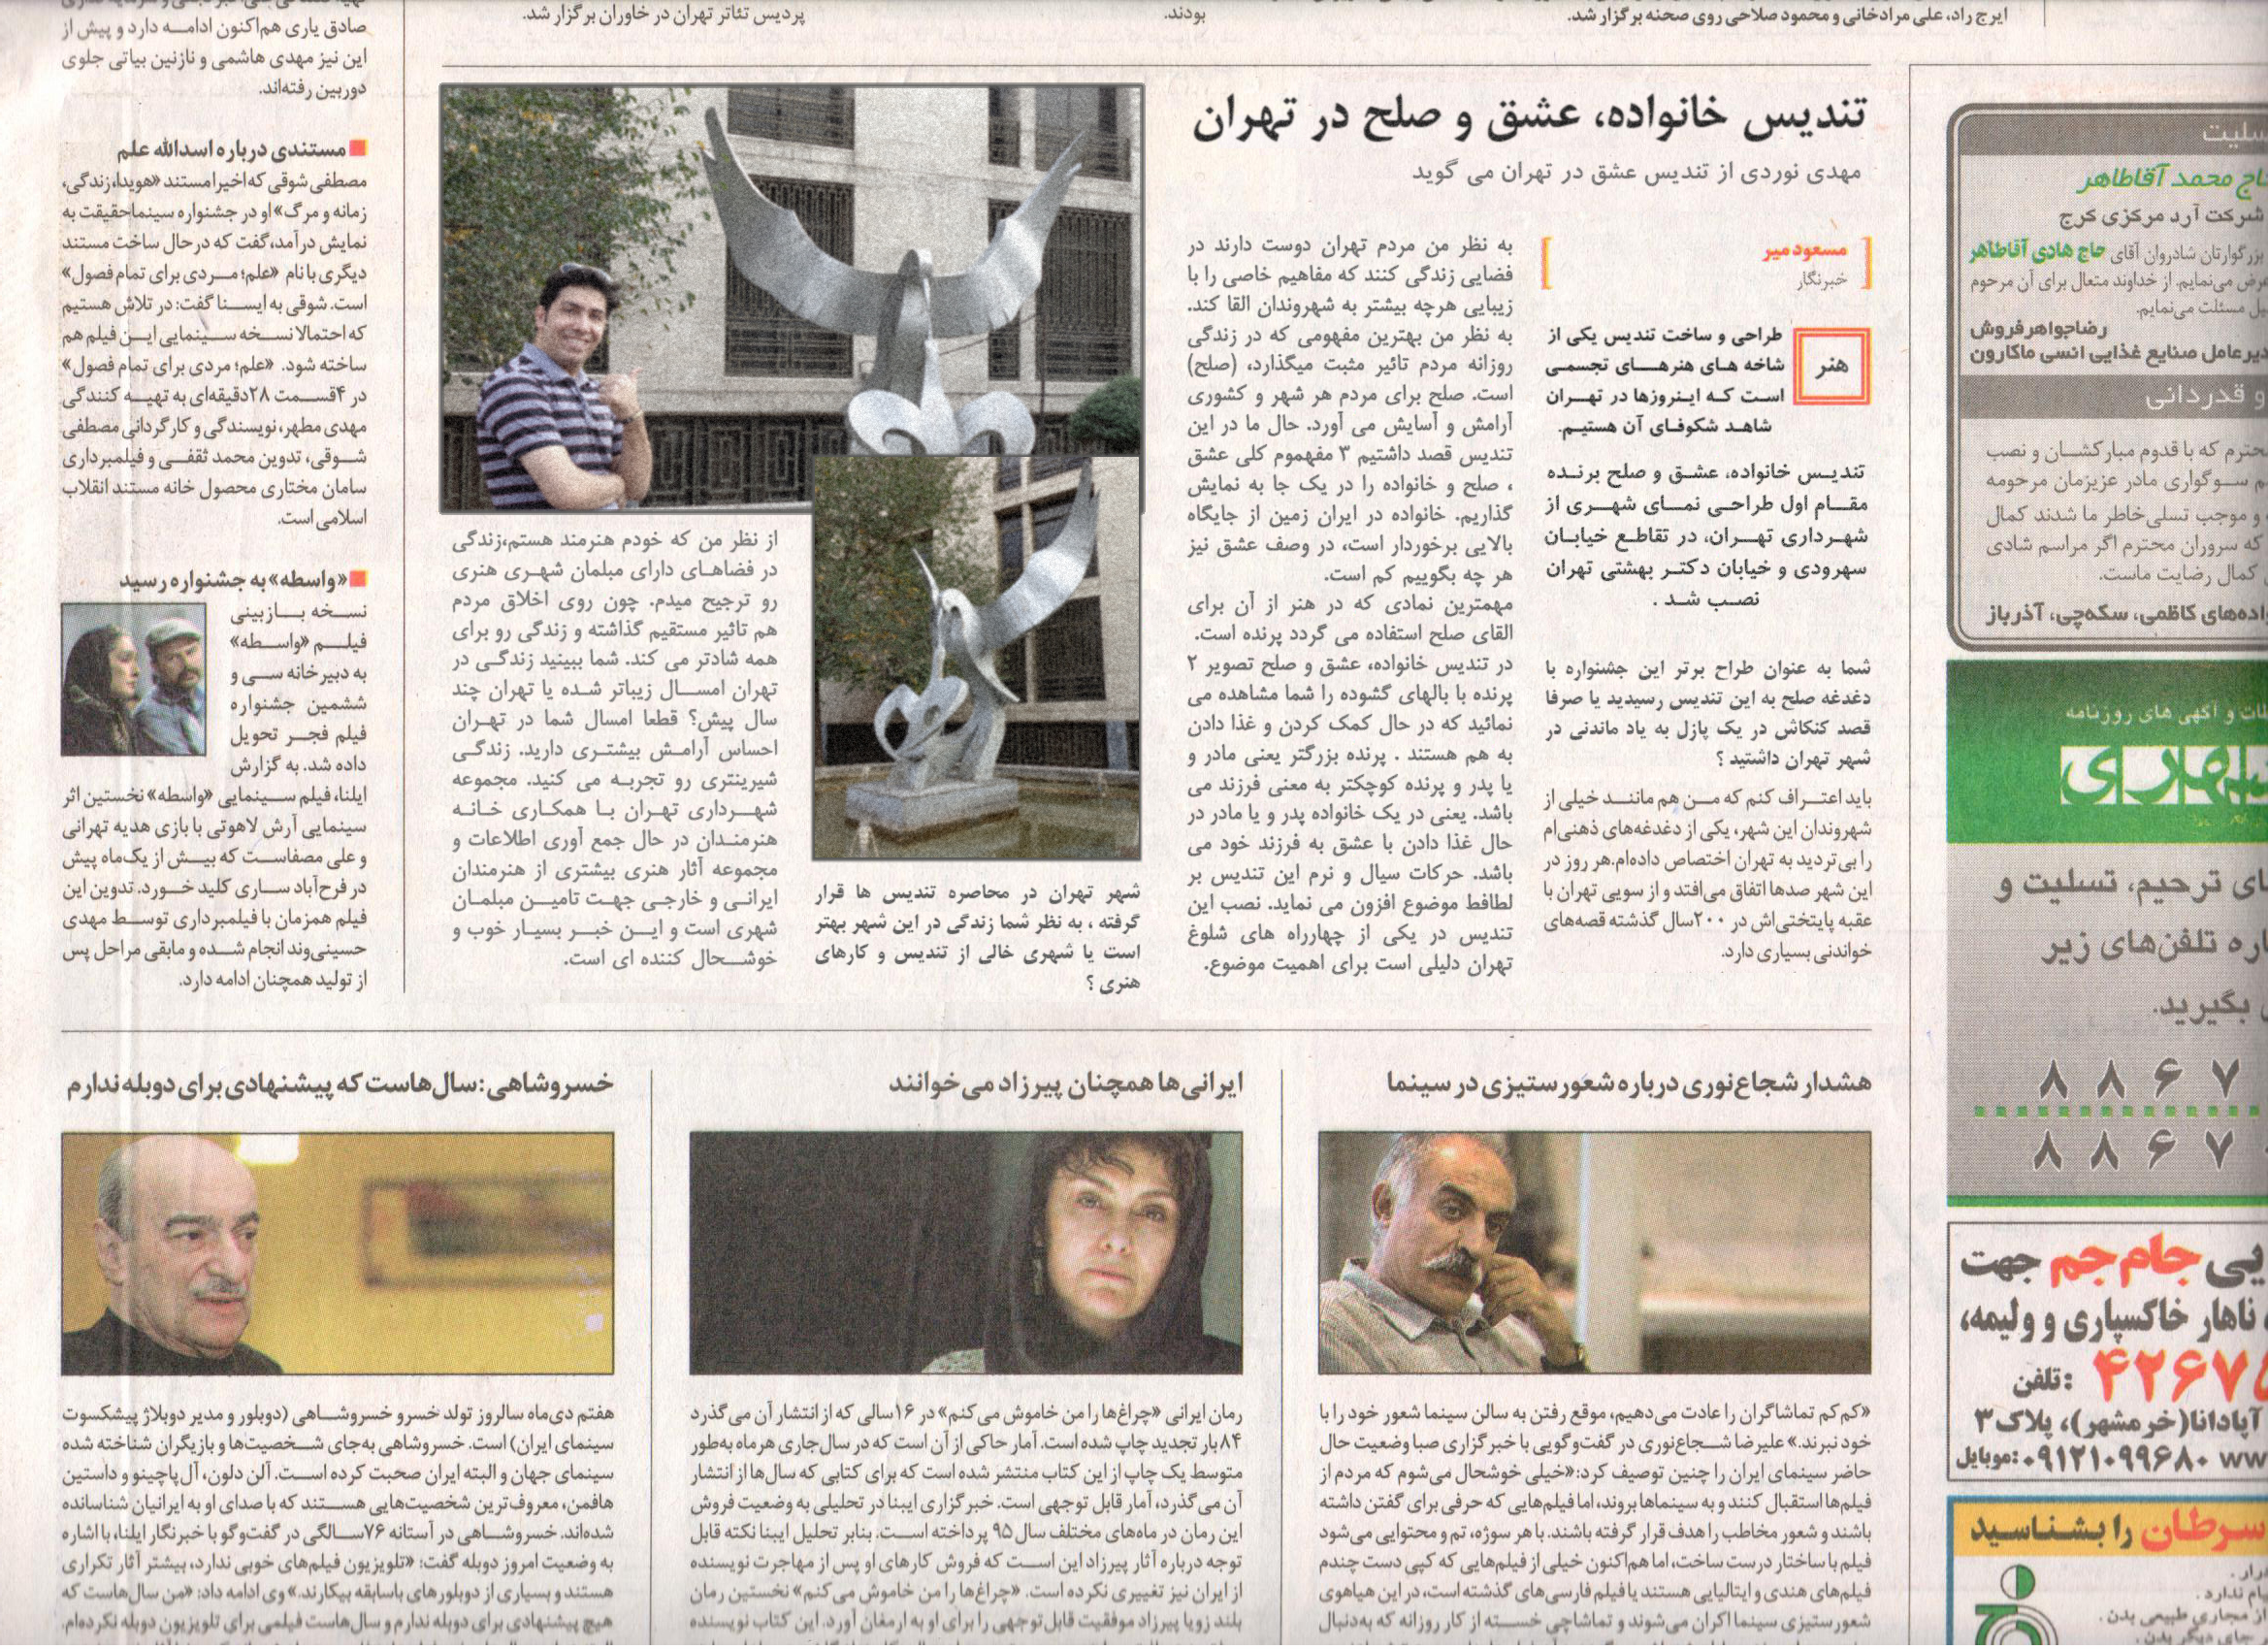 تصویر از تندیس خانواده عشق و صلح مهدی نوردی در تهران